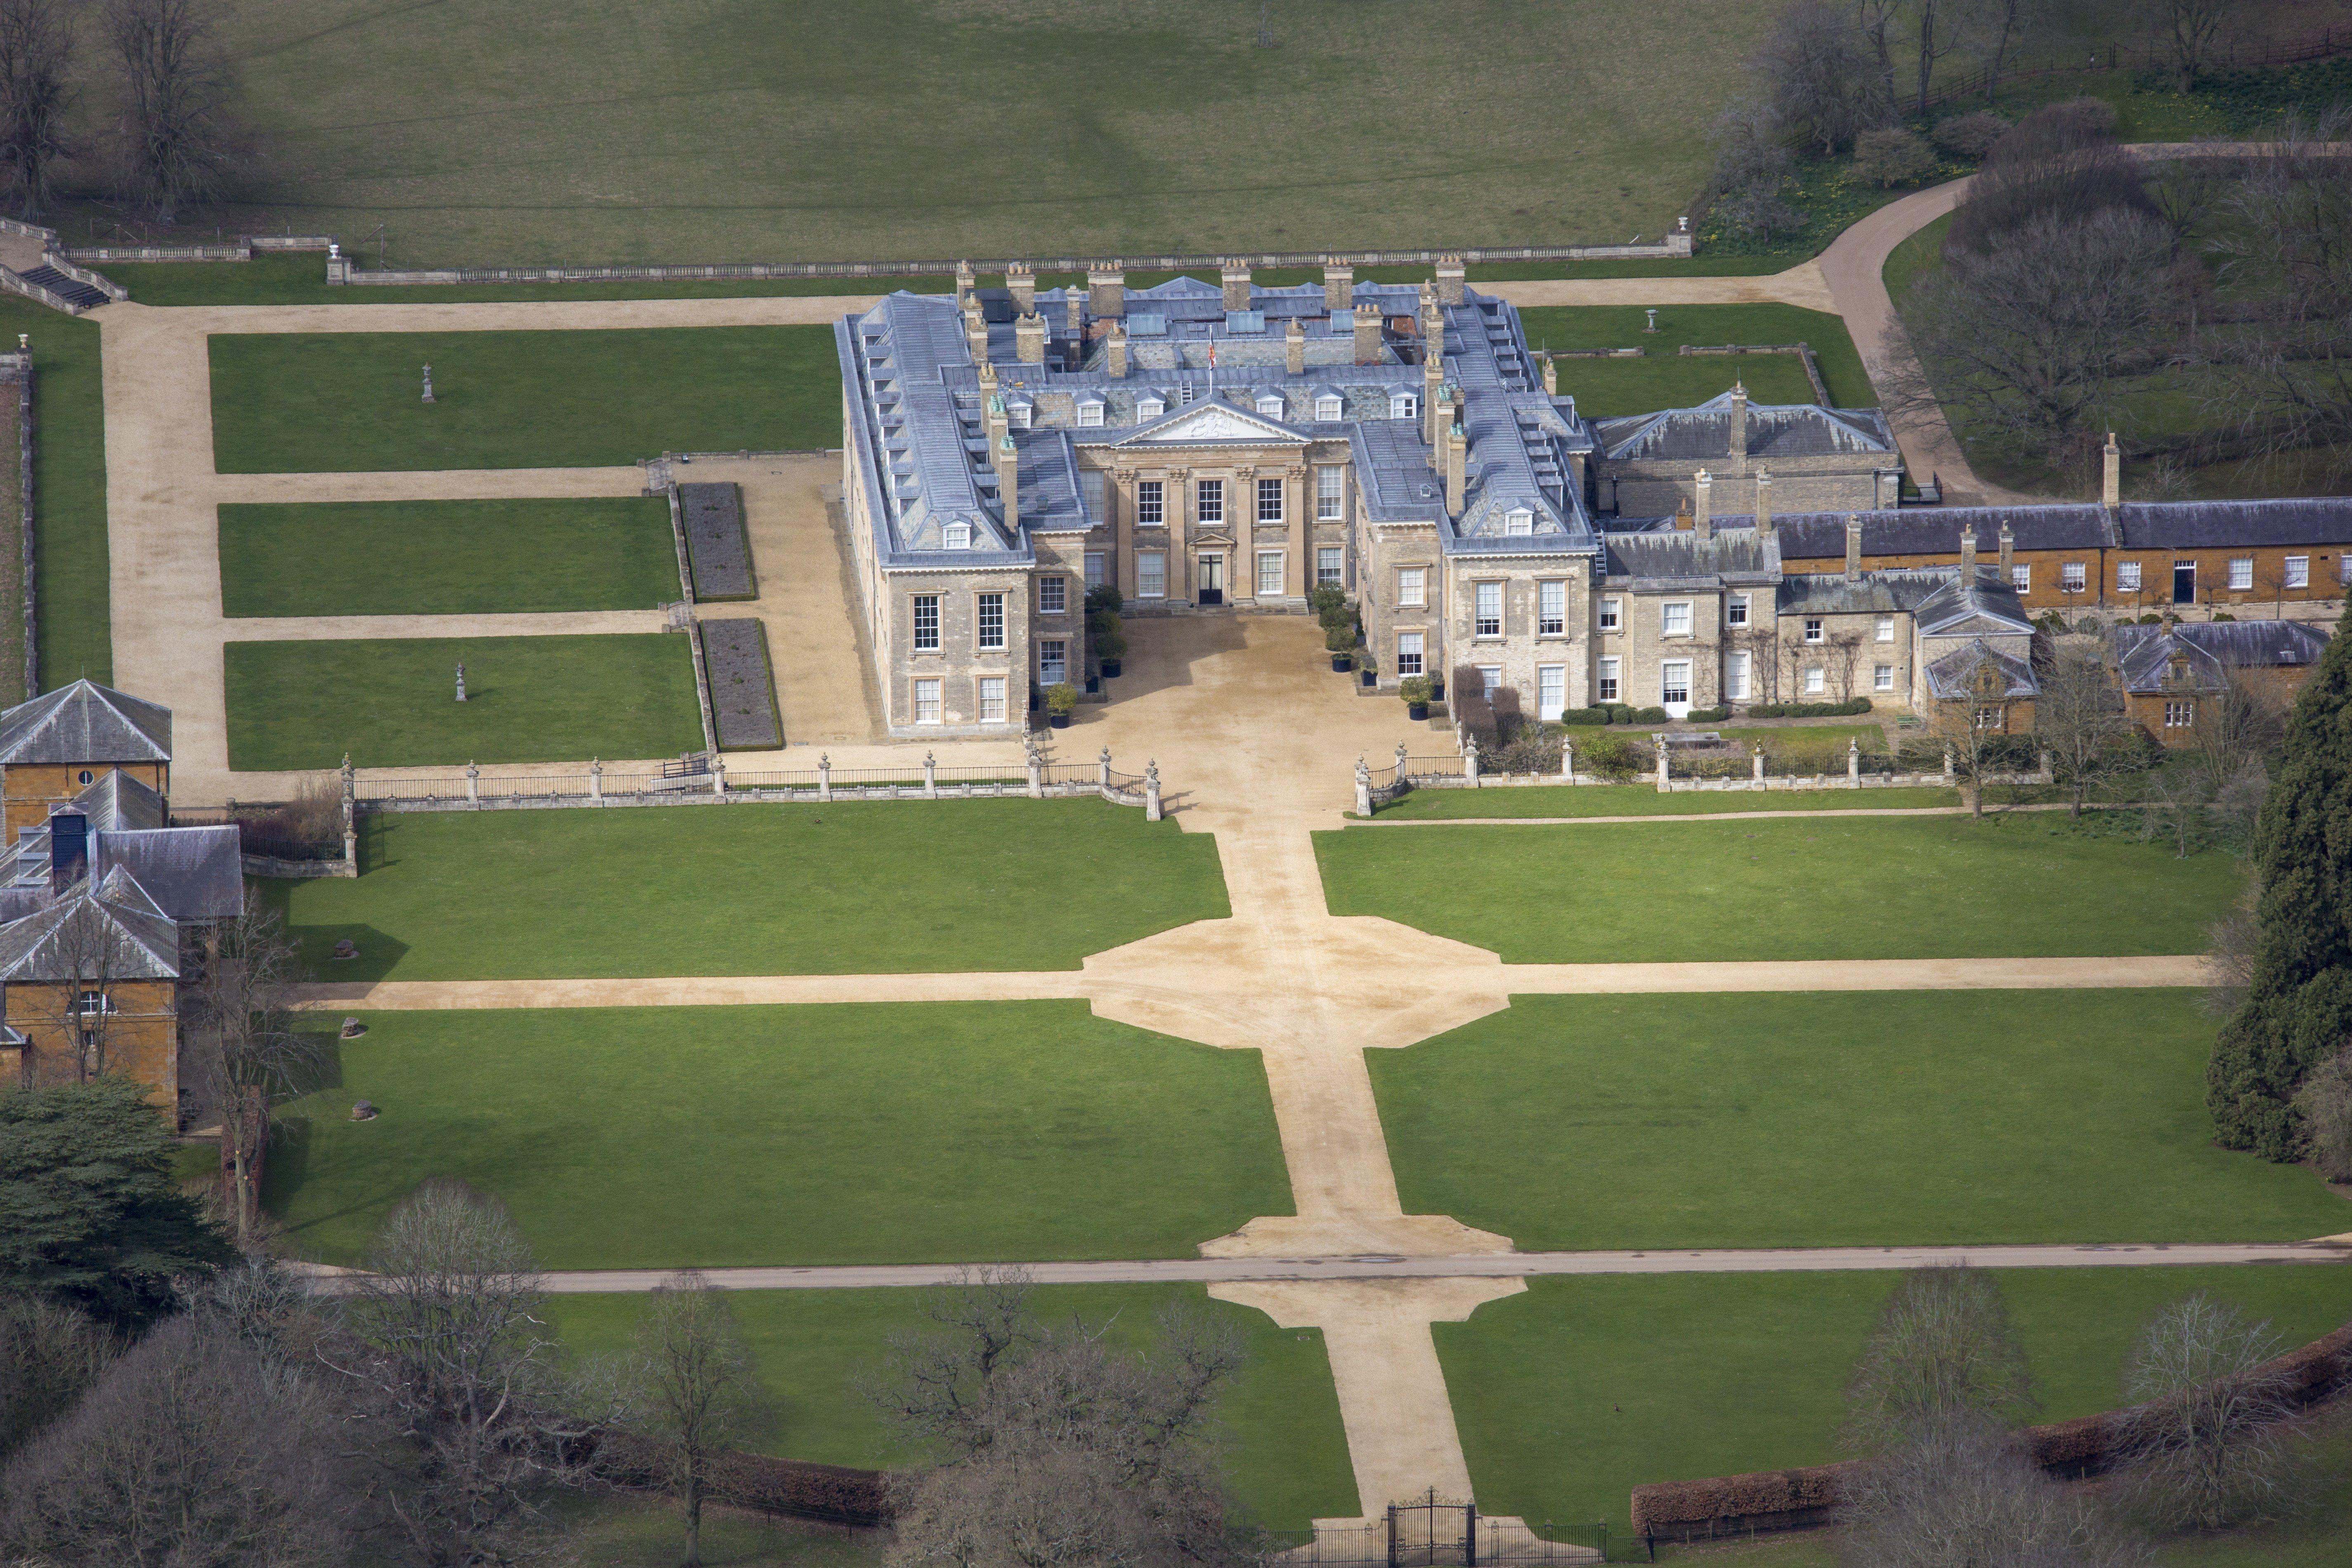 Vista aérea de la Casa Althorp y los terrenos de la propiedad donde se crió Lady Diana Spencer, quien sería la Princesa de Gales, en Harlestone Road, a 5 millas de Northampton | Fuente: Getty Images